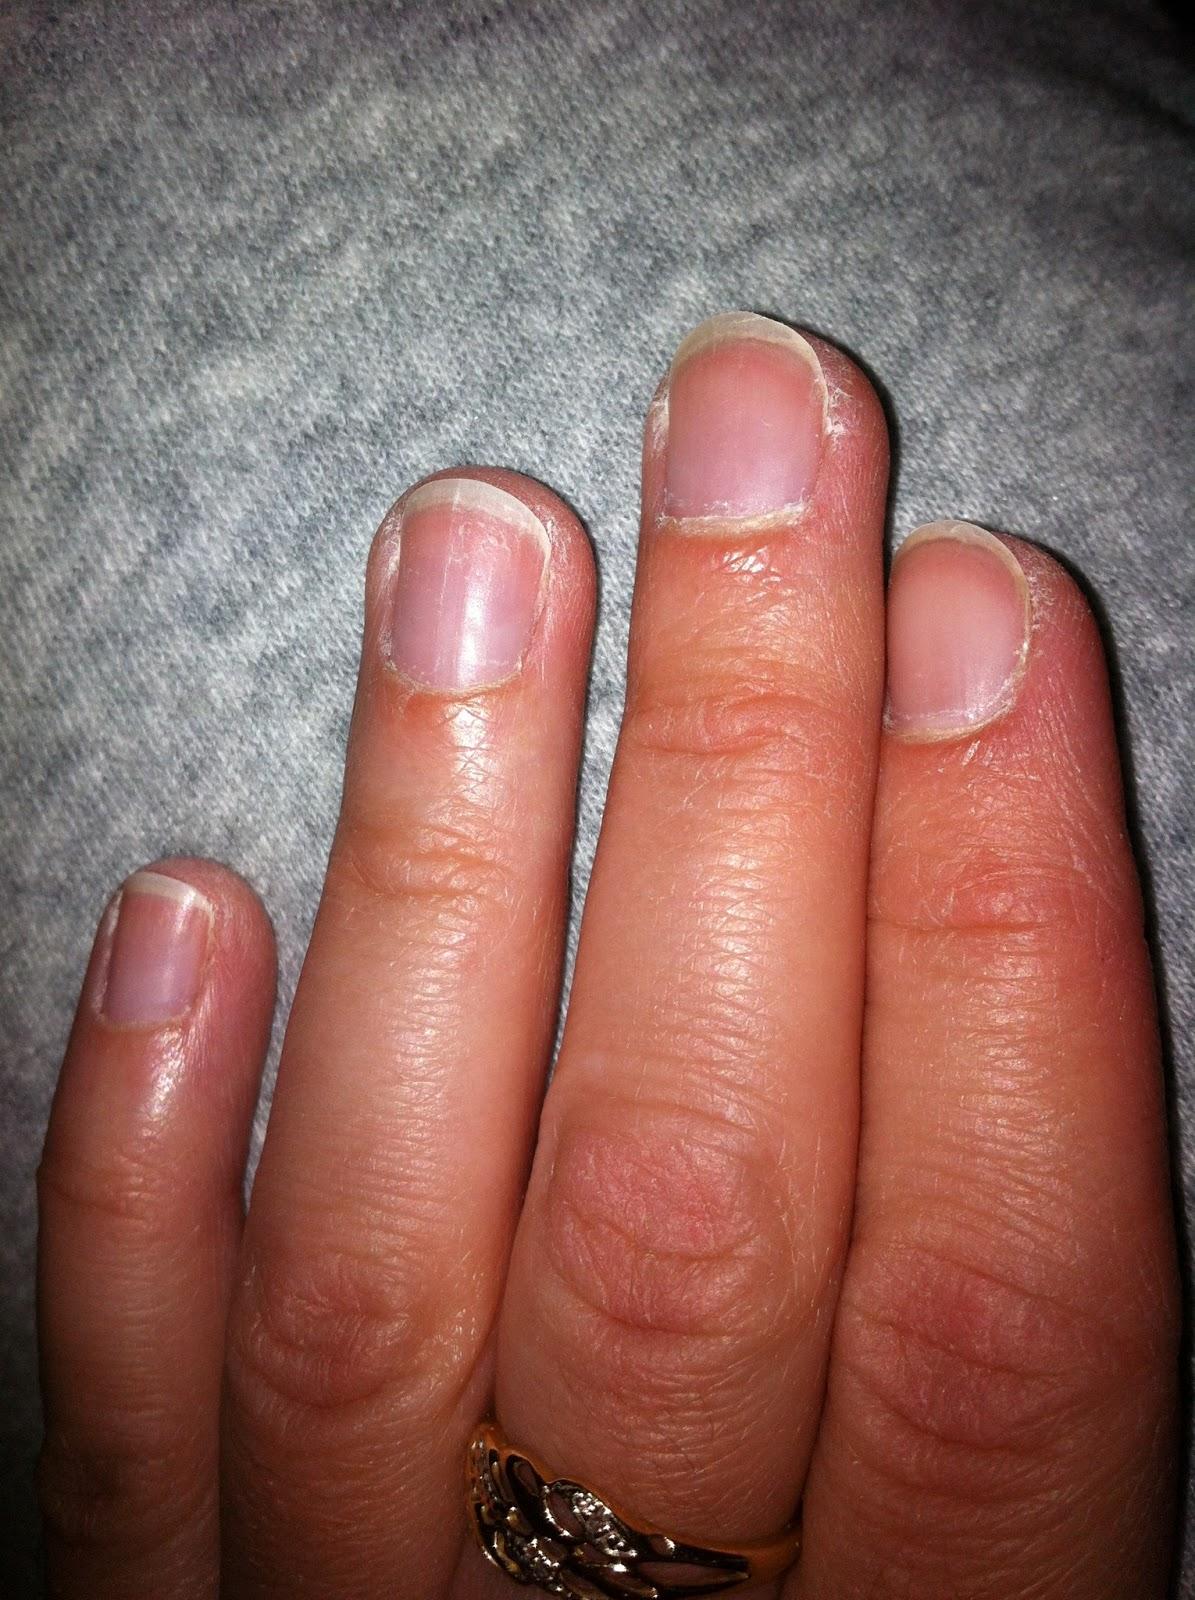 torra naglar